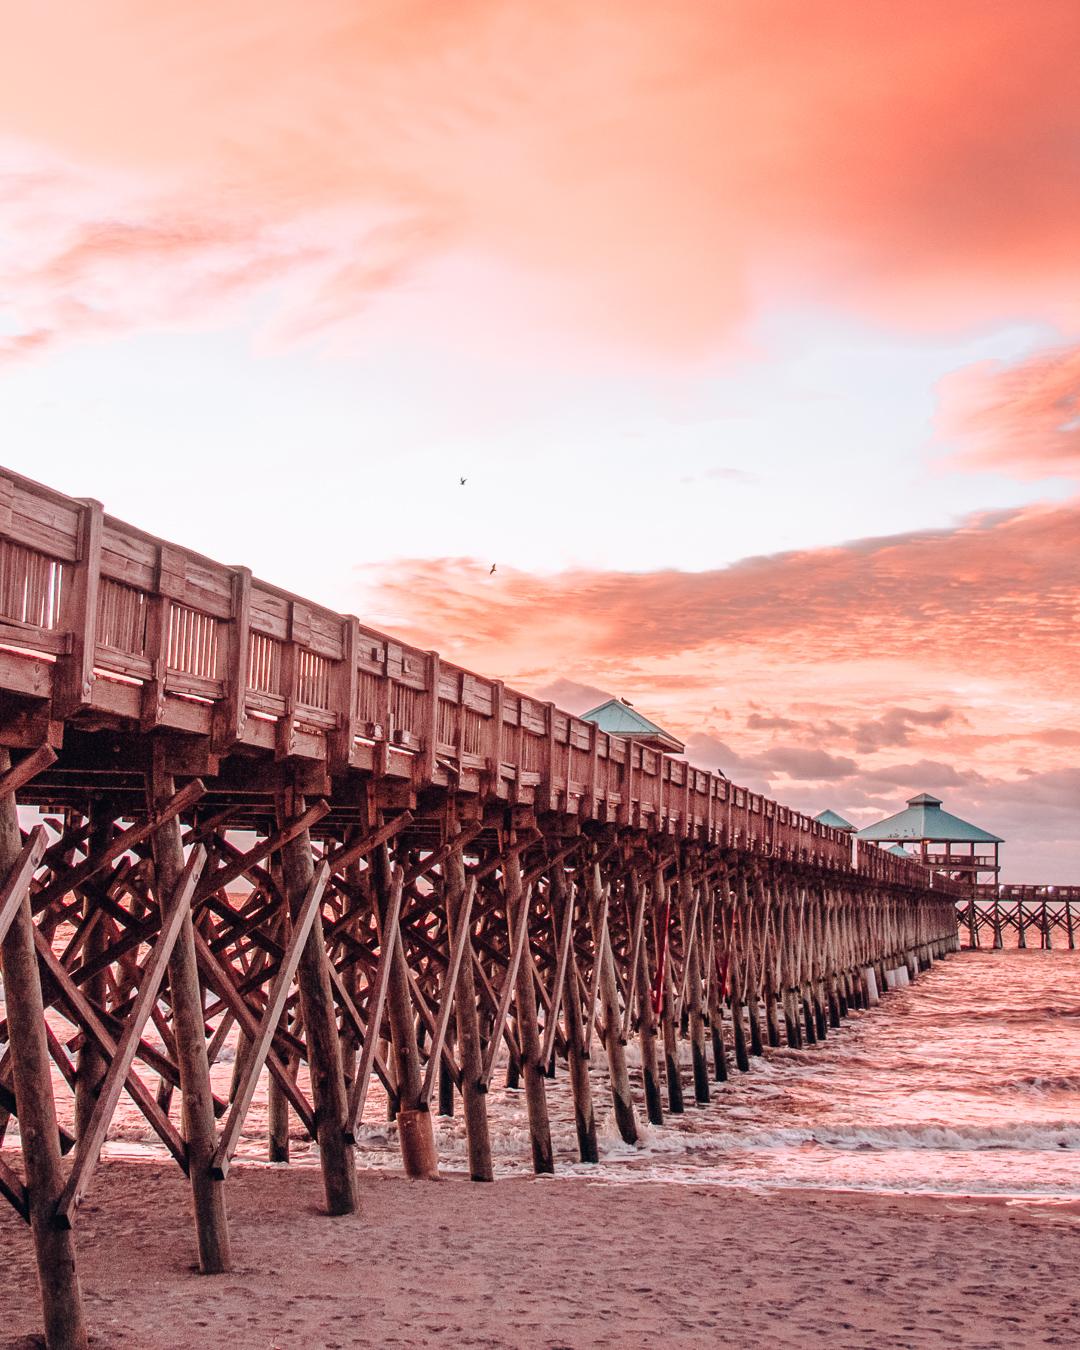 The pier of Folly Beach